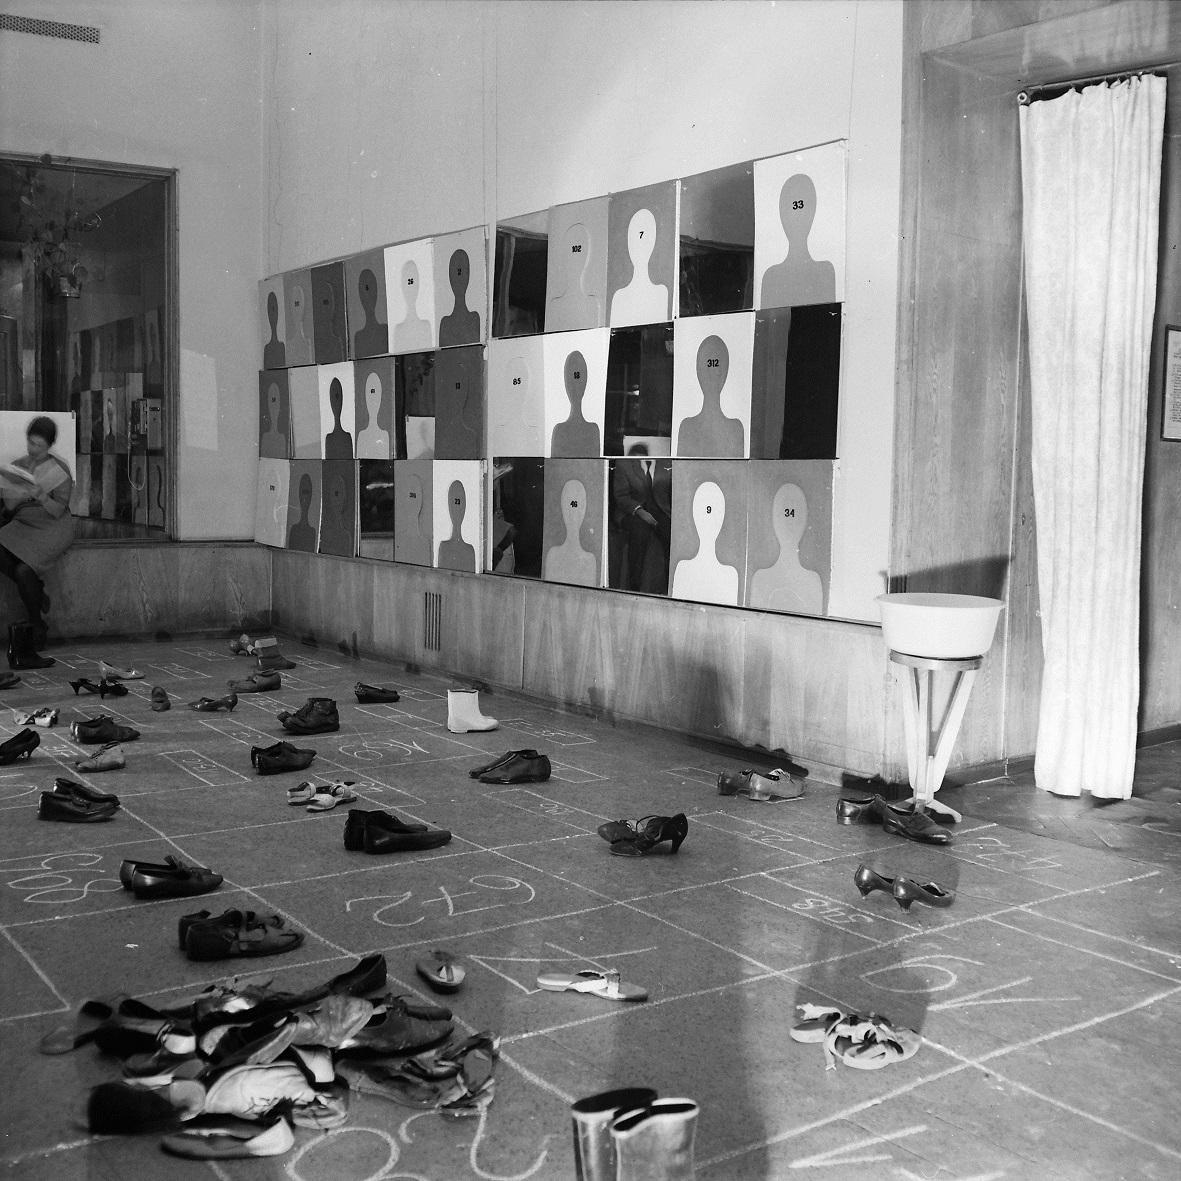 Wystawa Jarosława Kozłowskiego, Galeria Pod Moną Lisą, Wrocław 1968. Fot. Michał Diament. Kolekcja MWW (źródło: materiały prasowe organizatora)